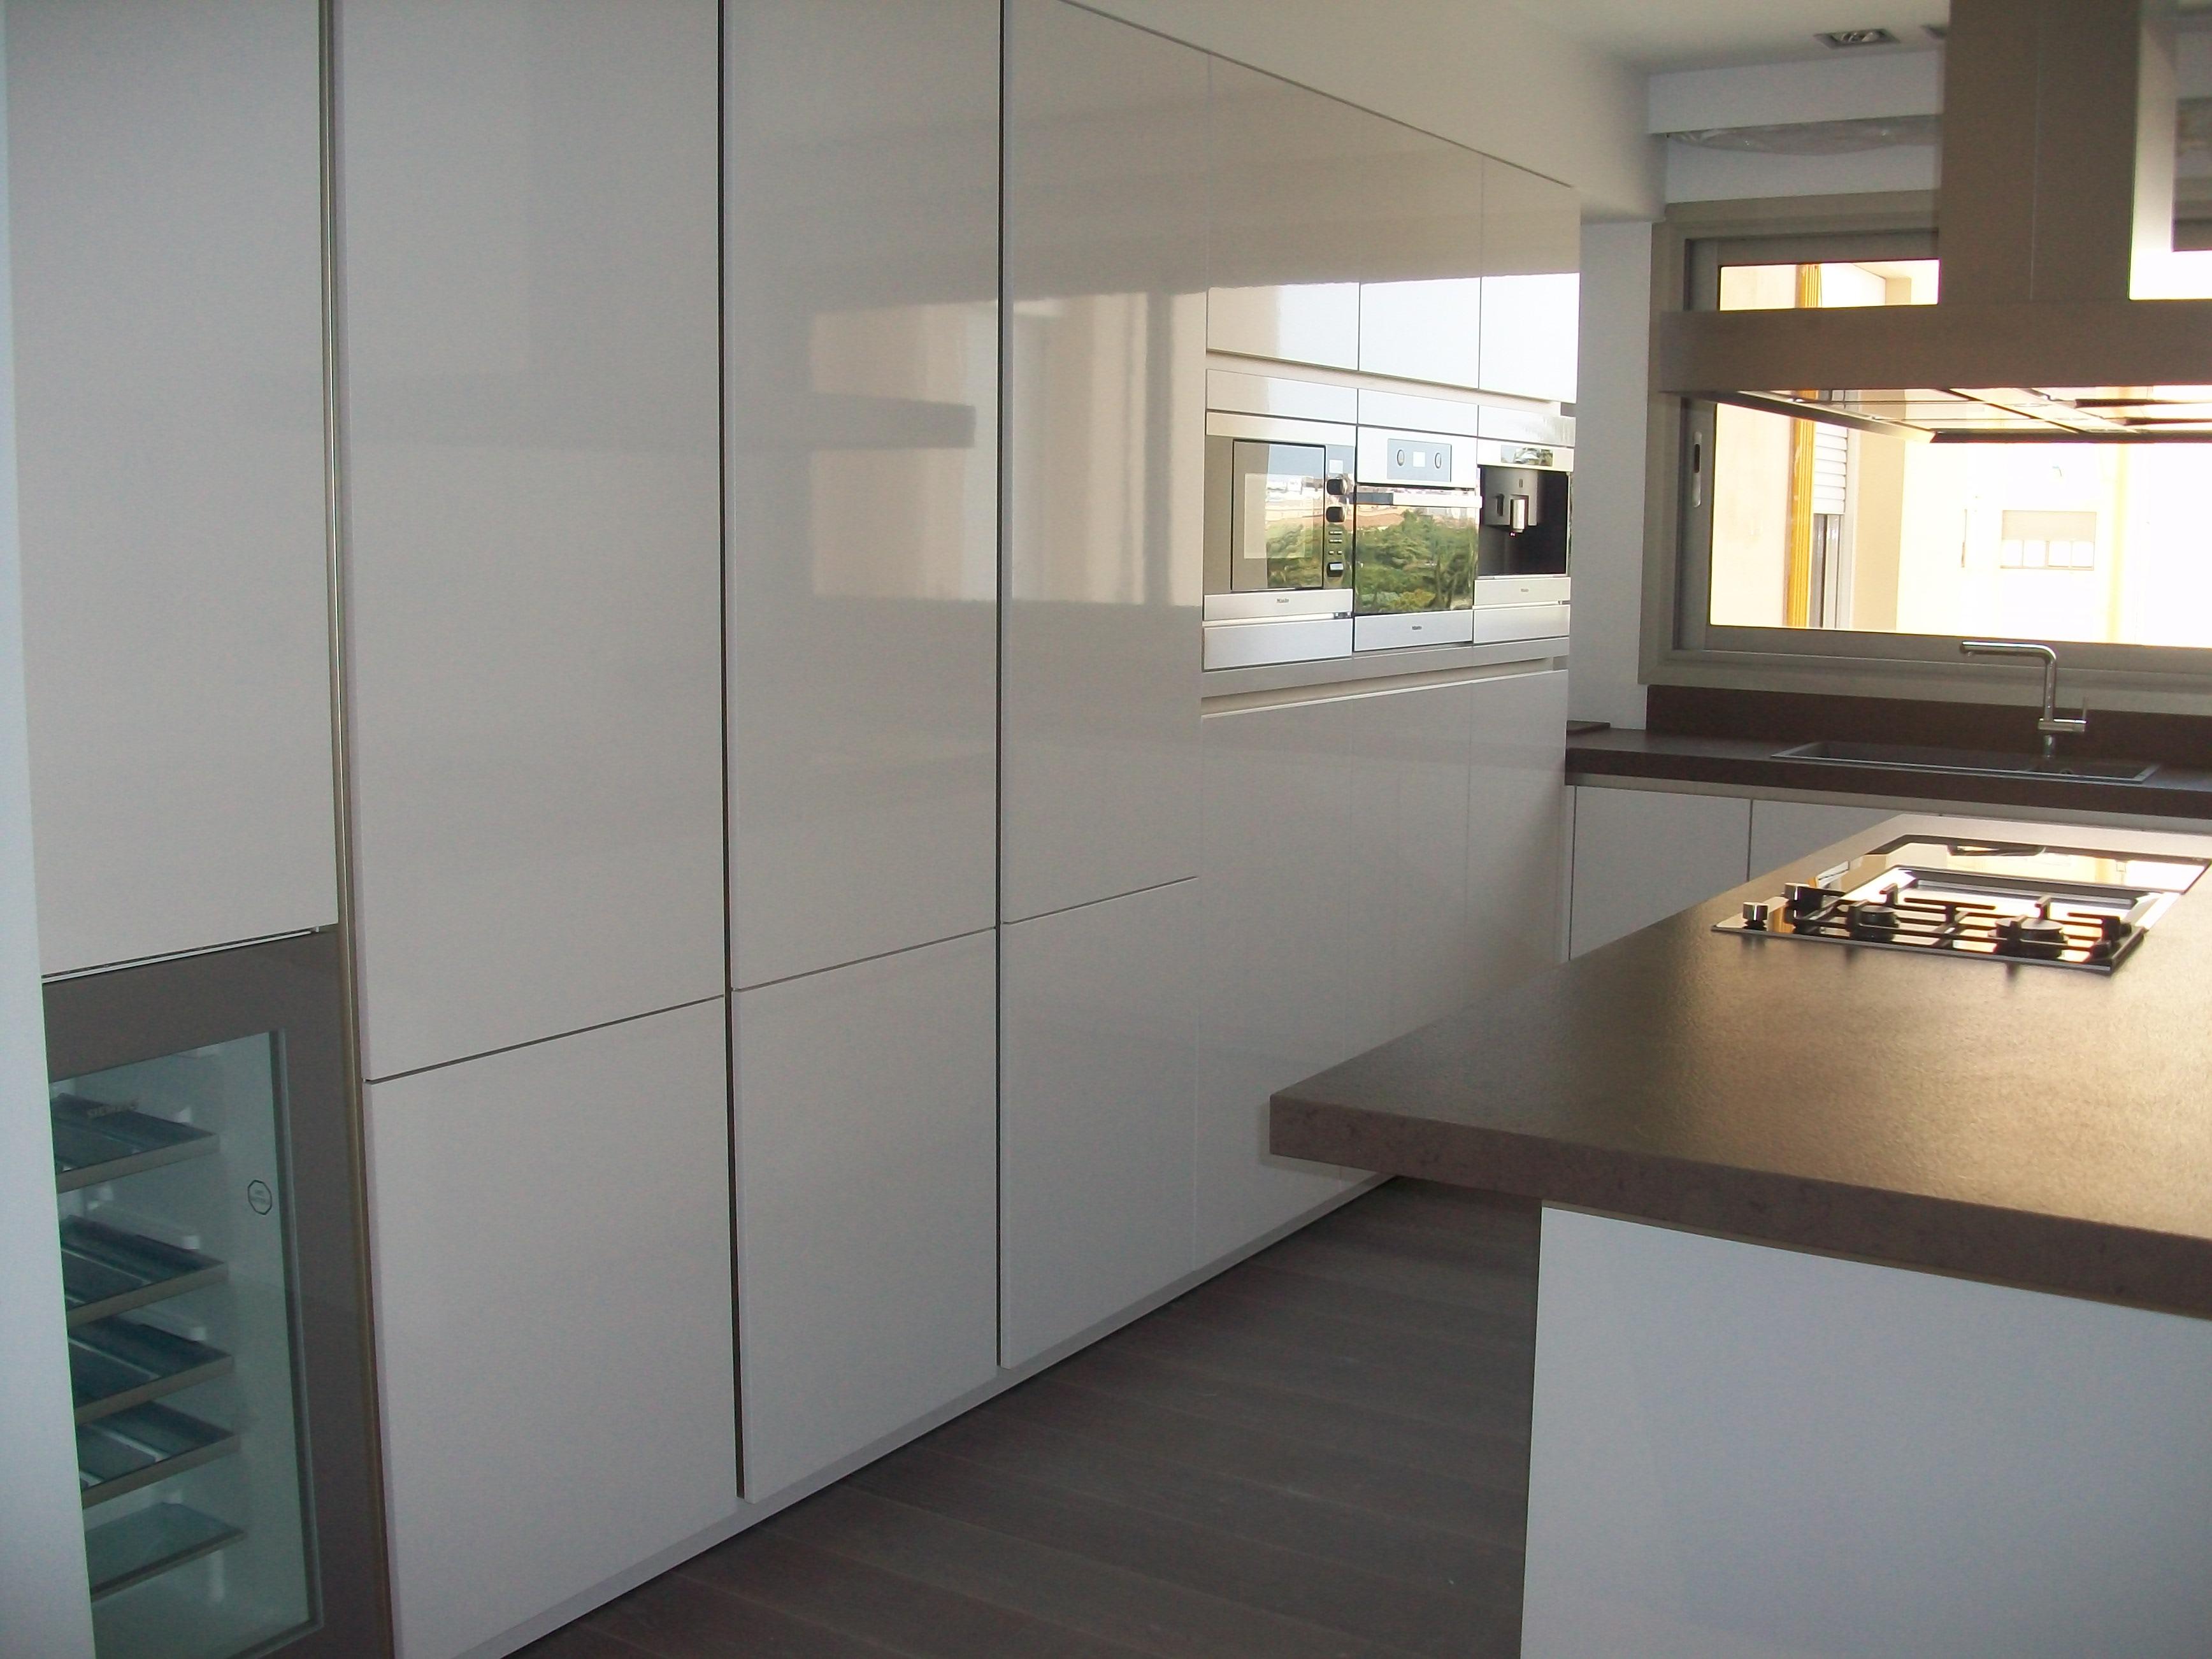 Fabricacion fabrica cocinas a medida valencia 8 muebles for Cocinas a medida